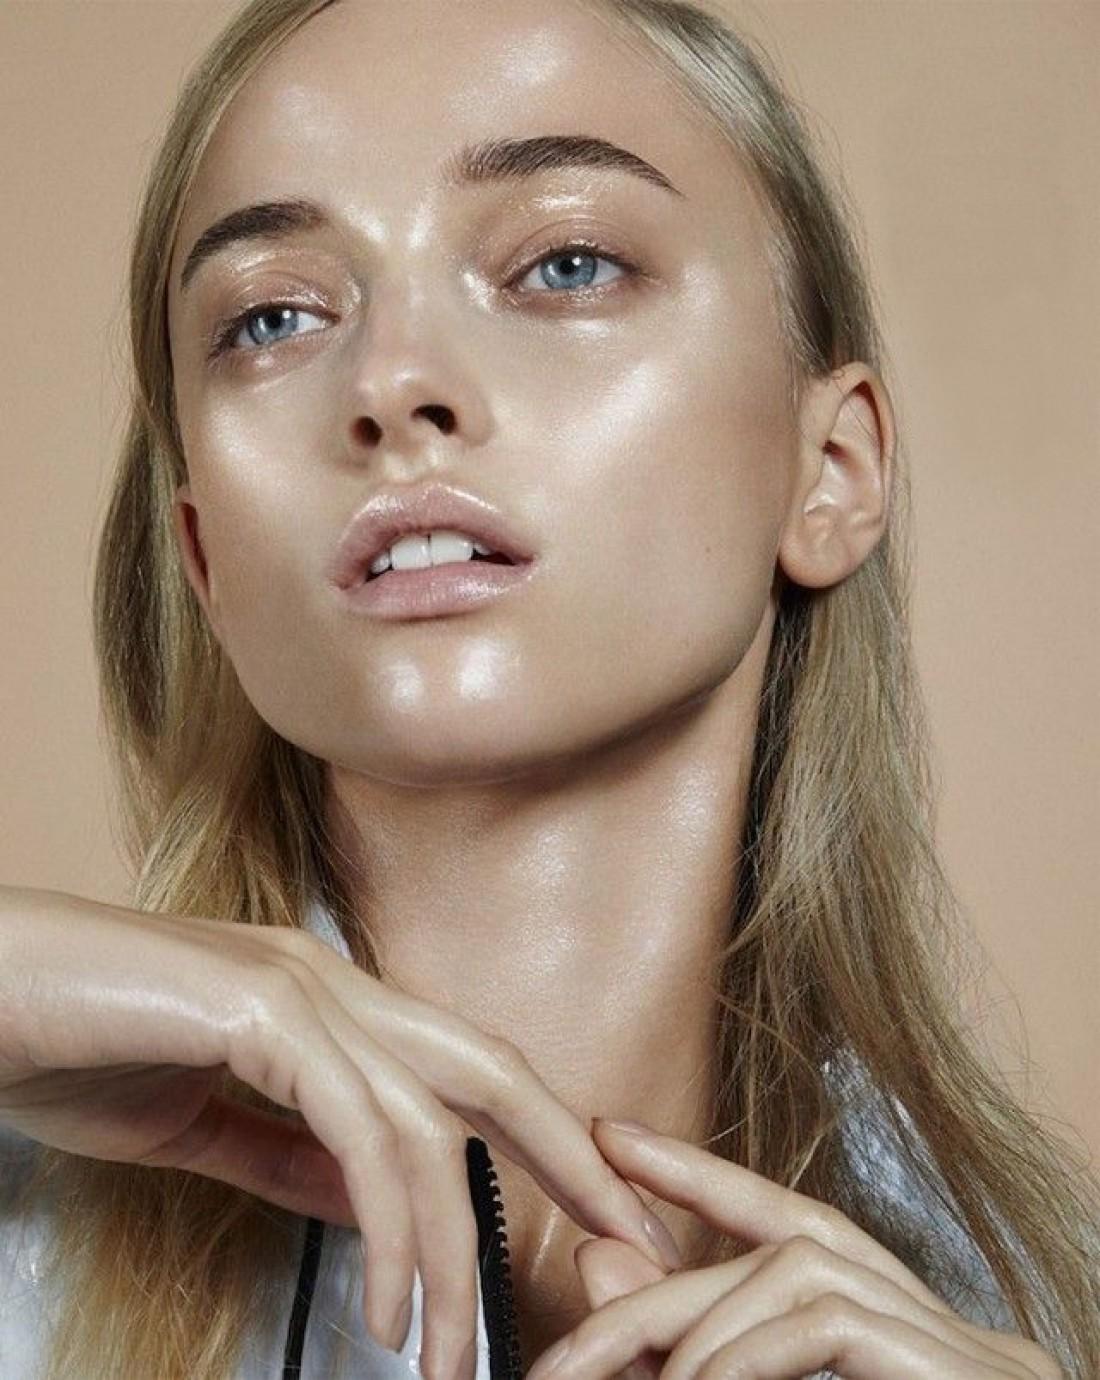 Неправильно нанесенный тональный крем может испортить весь макияж